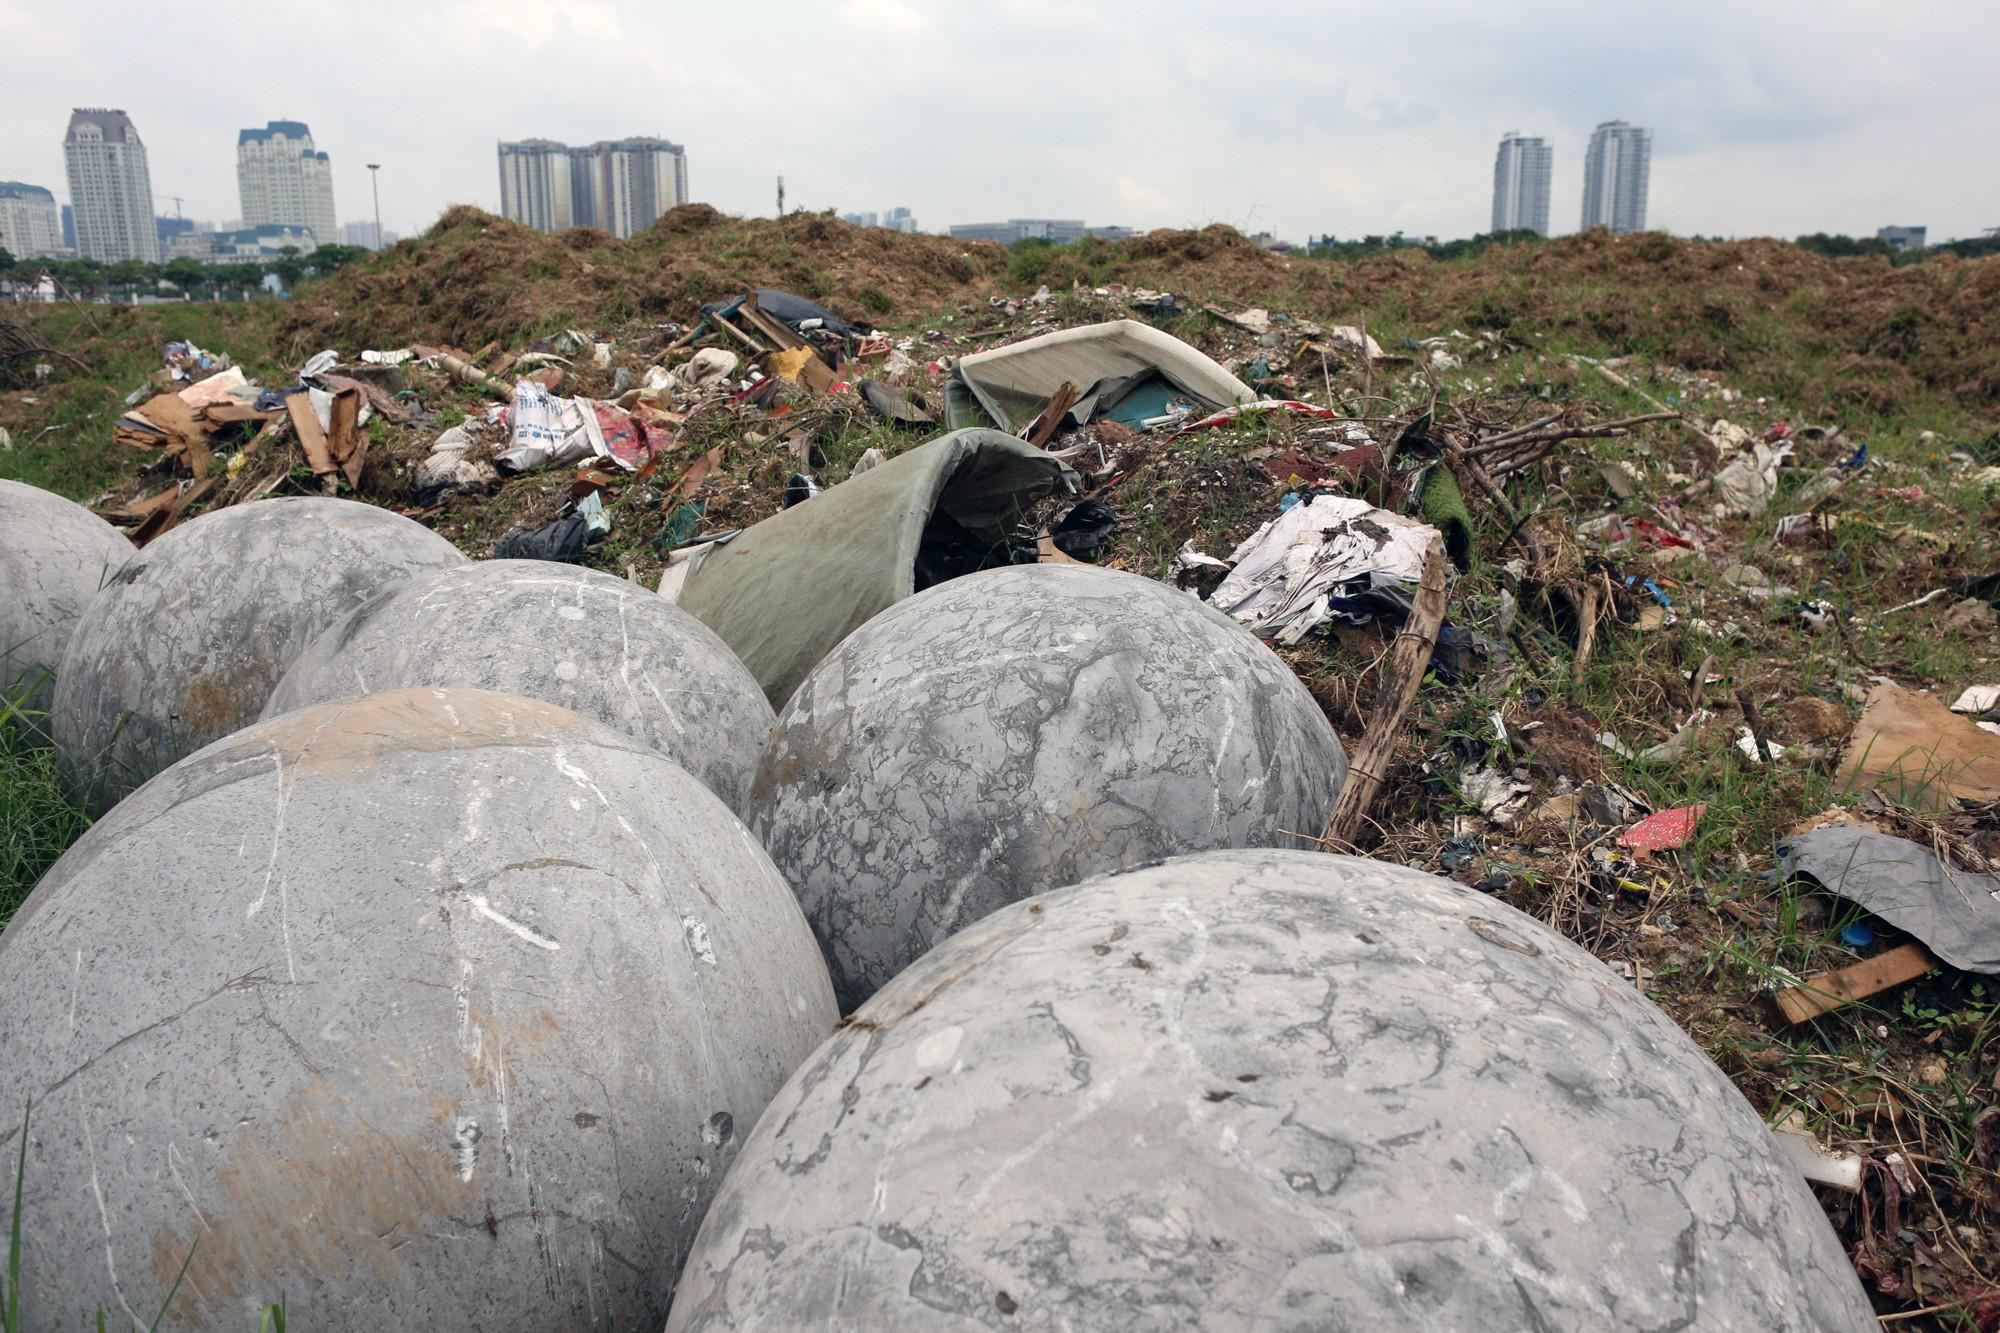 Bóng xích ở sân Mỹ Đình nguy cơ bị chôn trong rác - Ảnh 3.